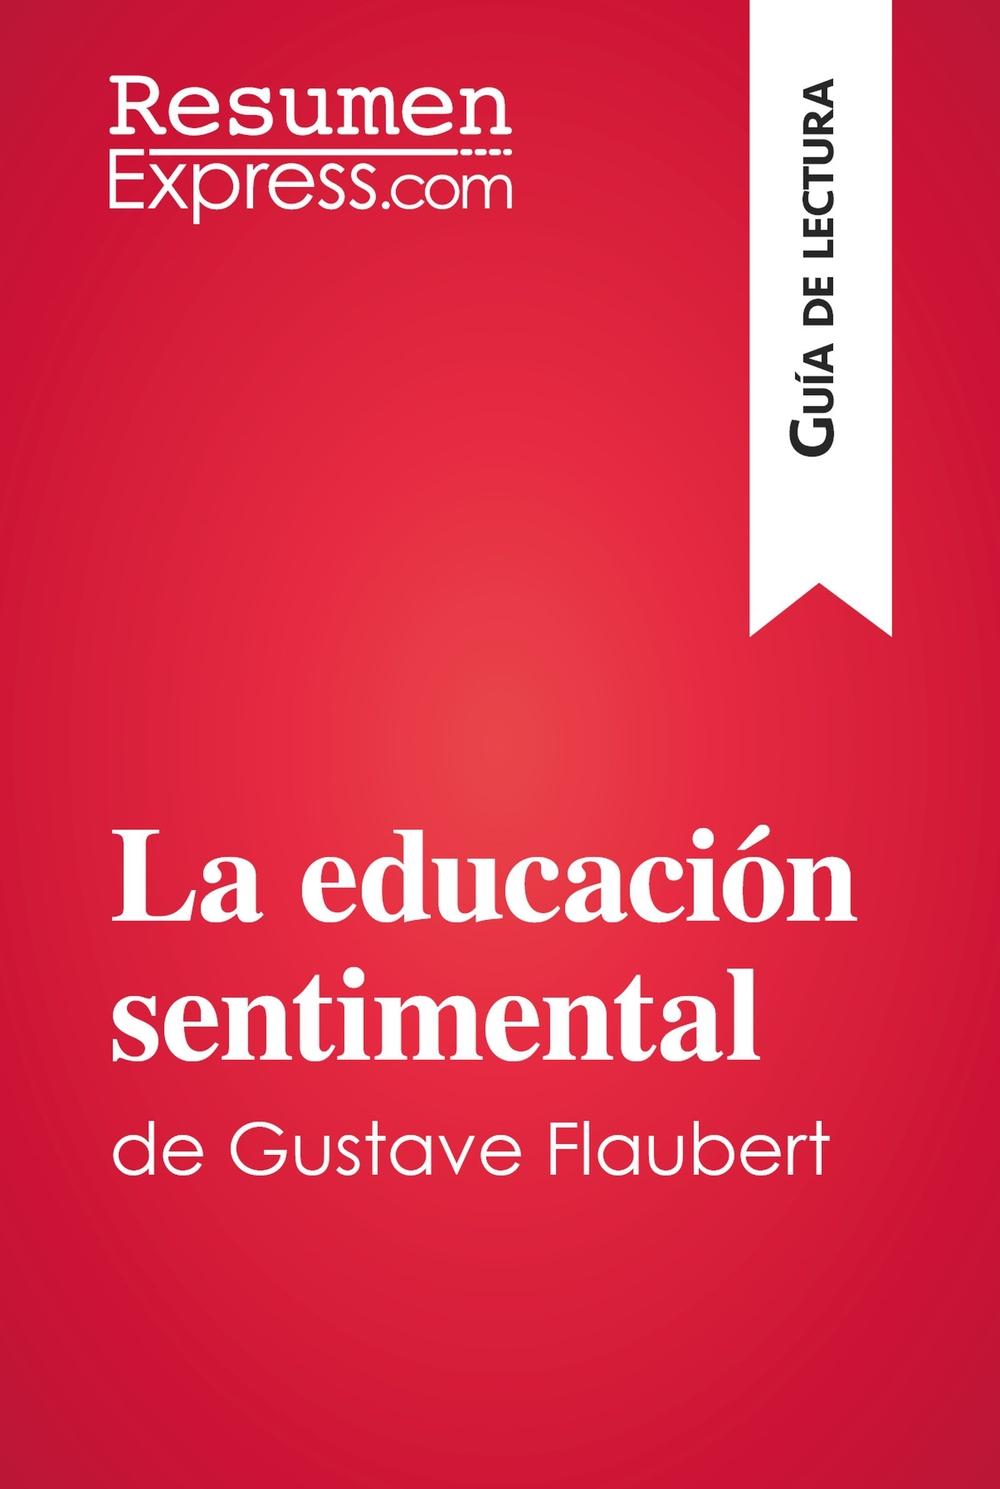 La educación sentimental de Gustave Flaubert (Guía de lectura)